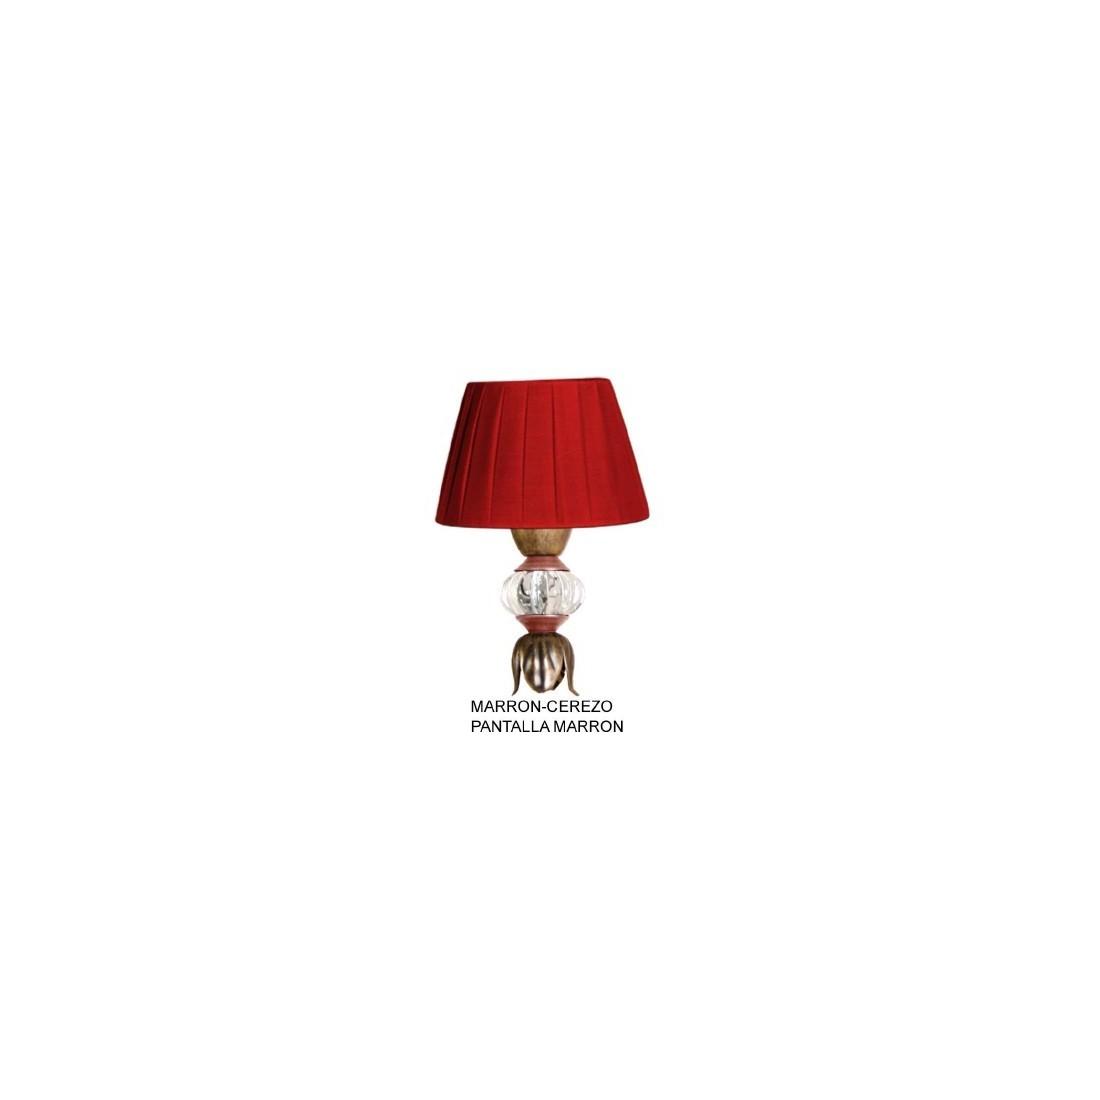 Lamparas Para Baño Baratas:lamparas baratas, luminarias baratas, comprar lamparas baratas